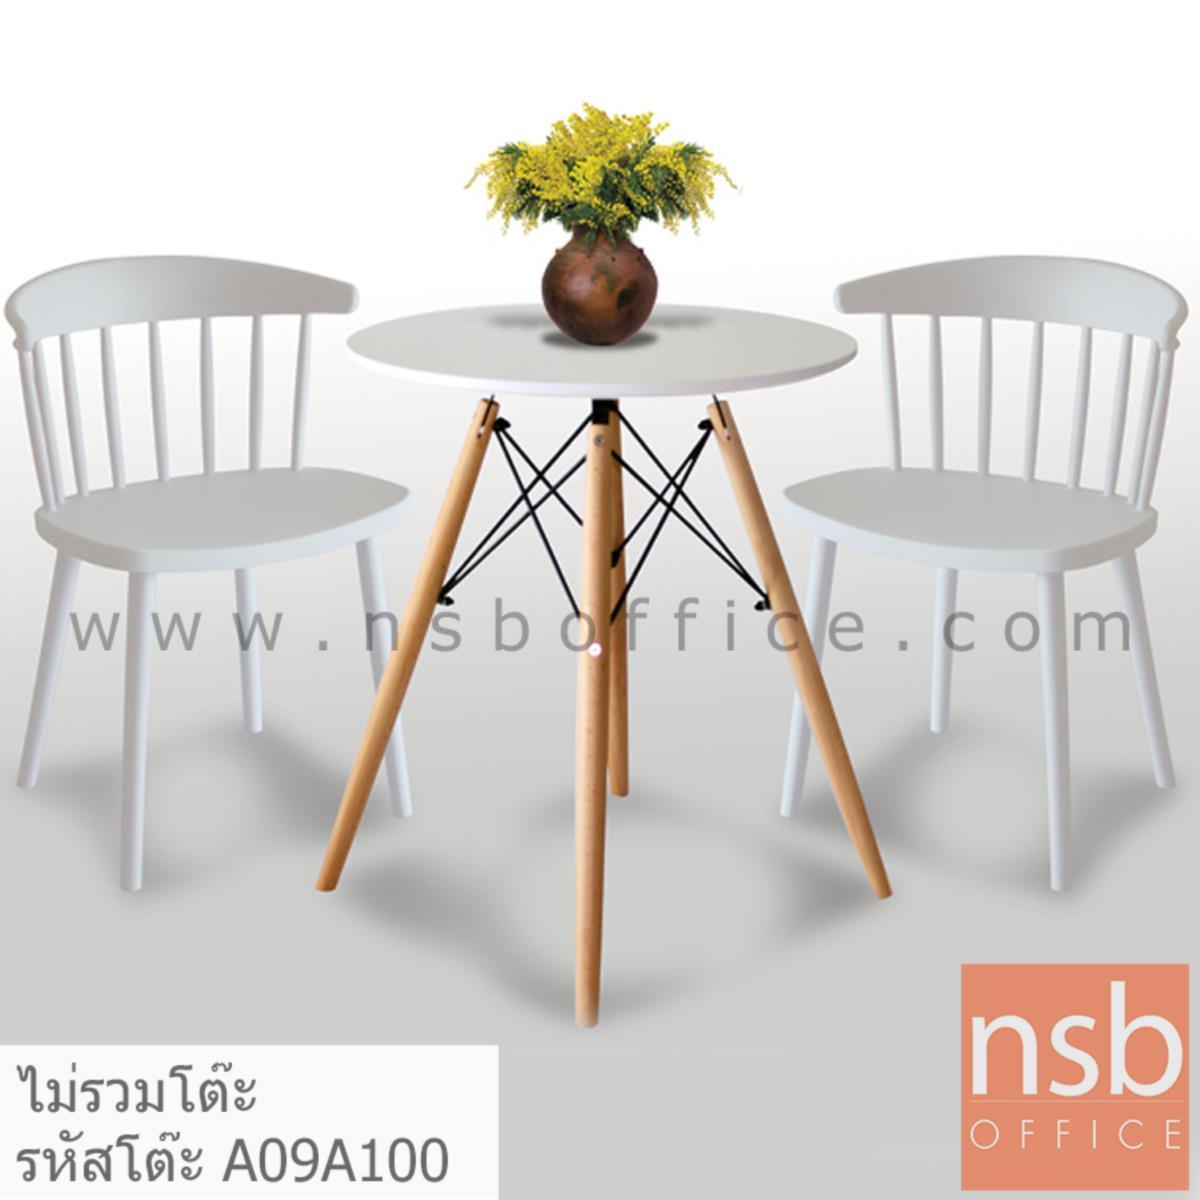 เก้าอี้โมเดิร์นพลาสติกล้วน รุ่น Christie (คริสตี) ขนาด 51W cm. สีขาว